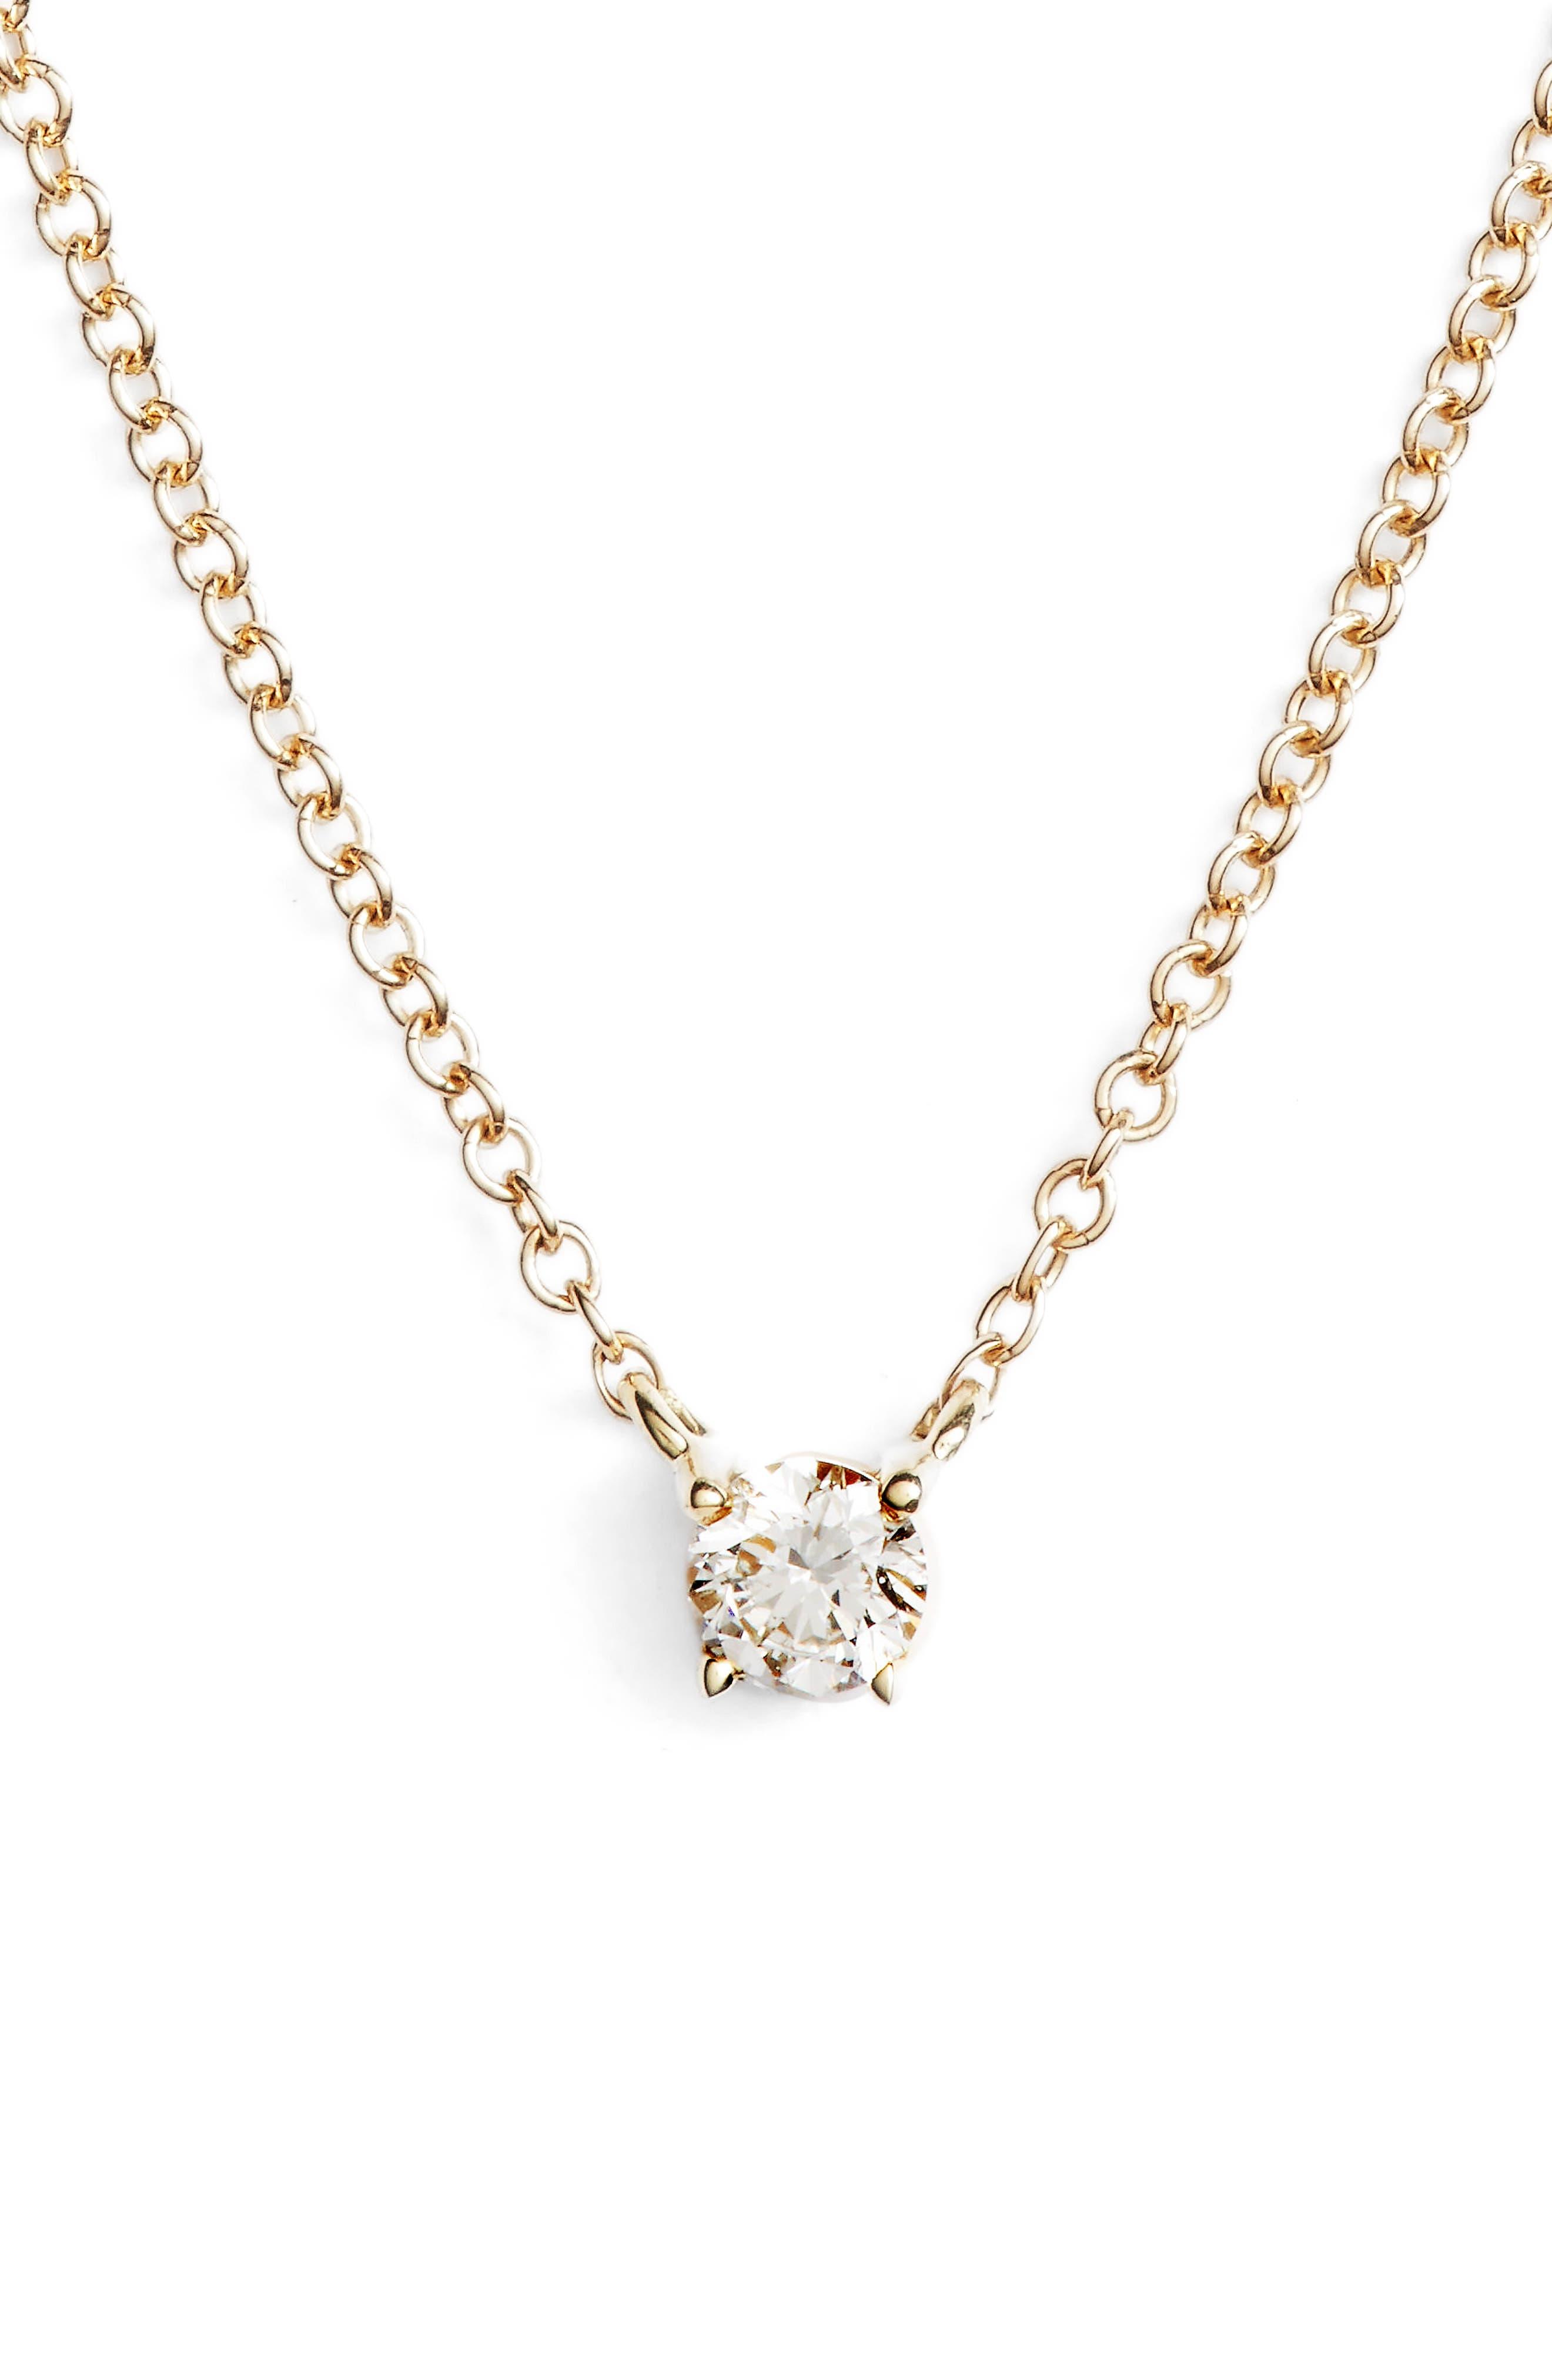 Petite Liora Diamond Solitaire Pendant Necklace,                             Main thumbnail 1, color,                             YELLOW GOLD